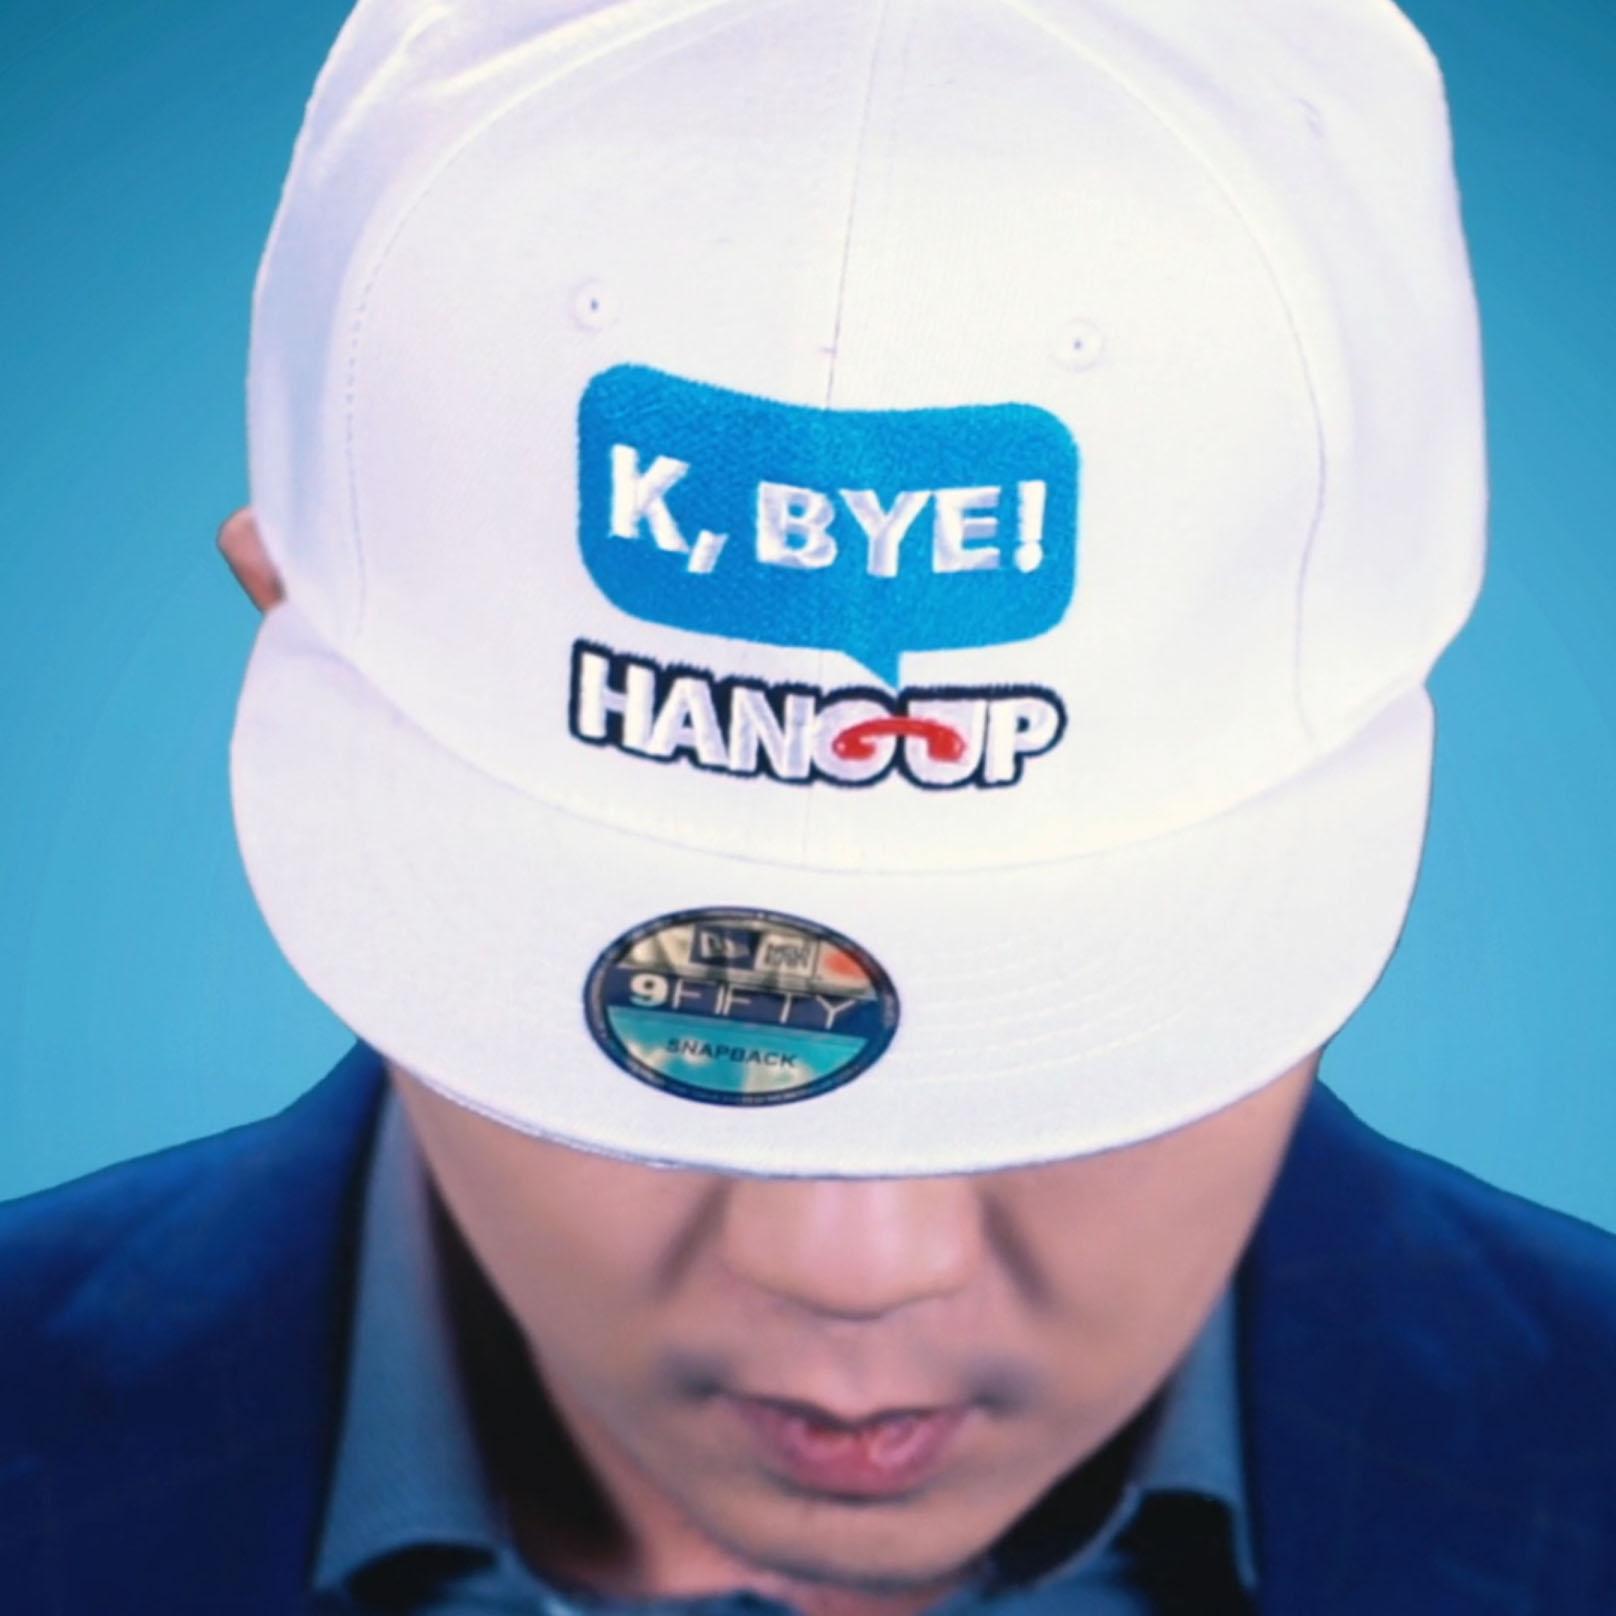 K, Bye! Hat